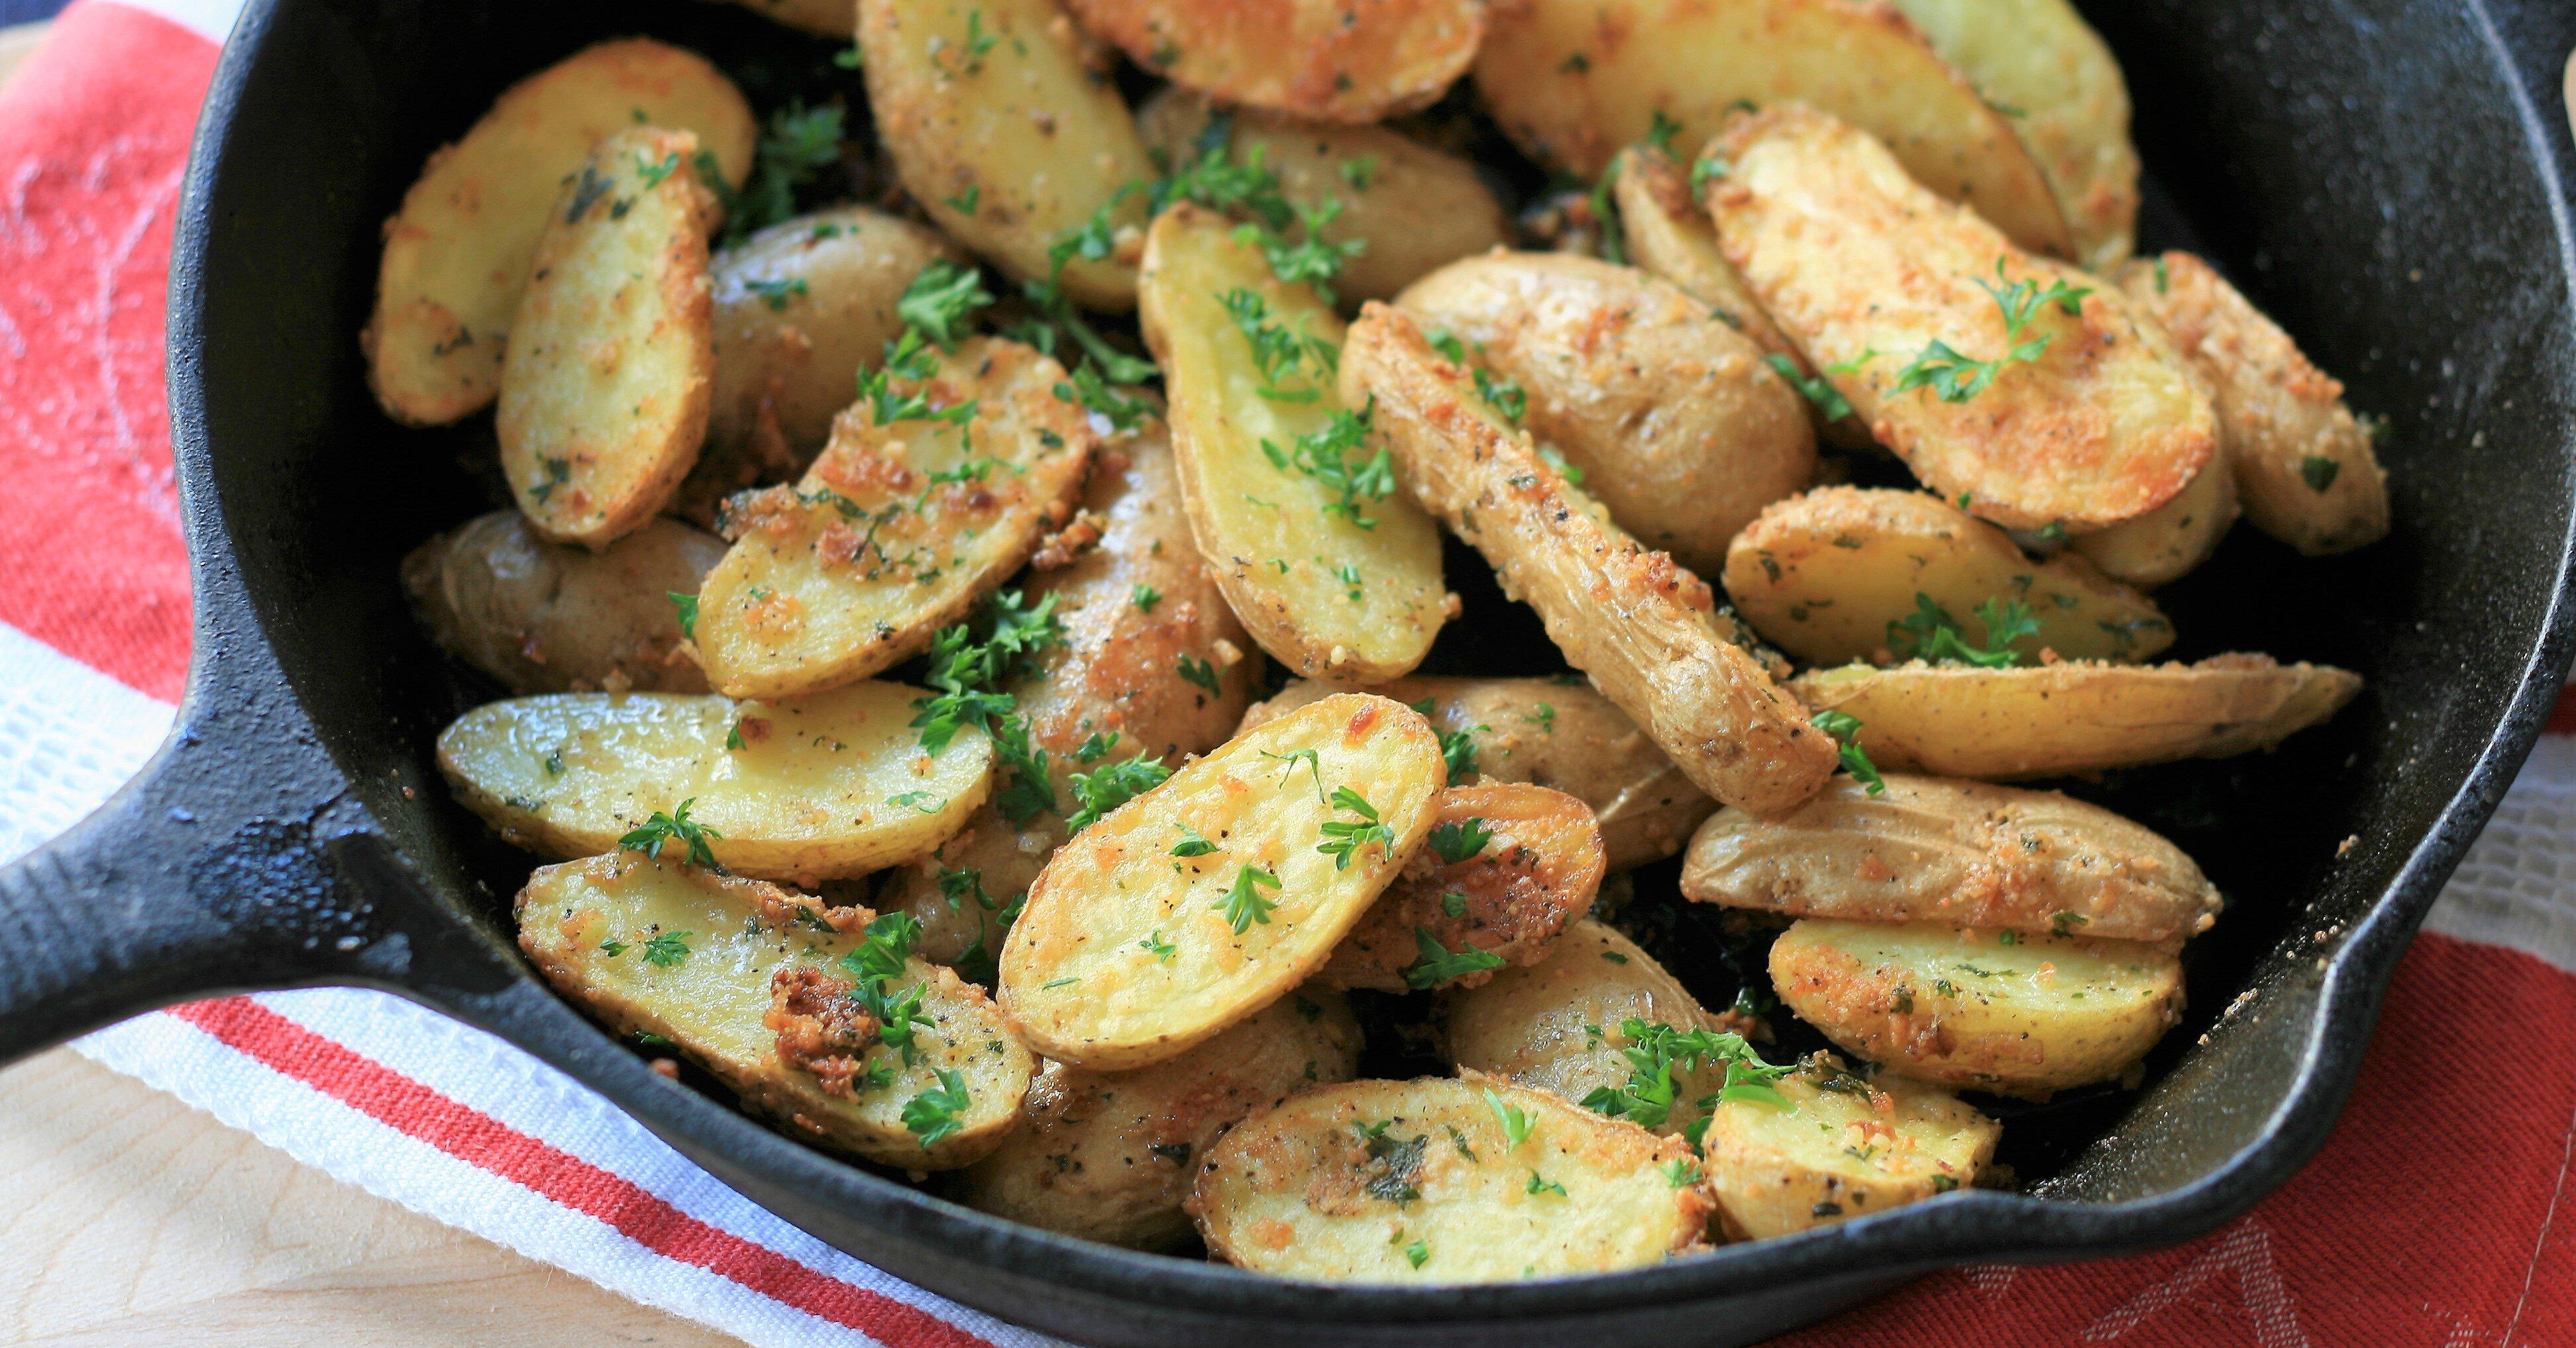 Roasted Garlic-Parmesan Fingerling Potatoes